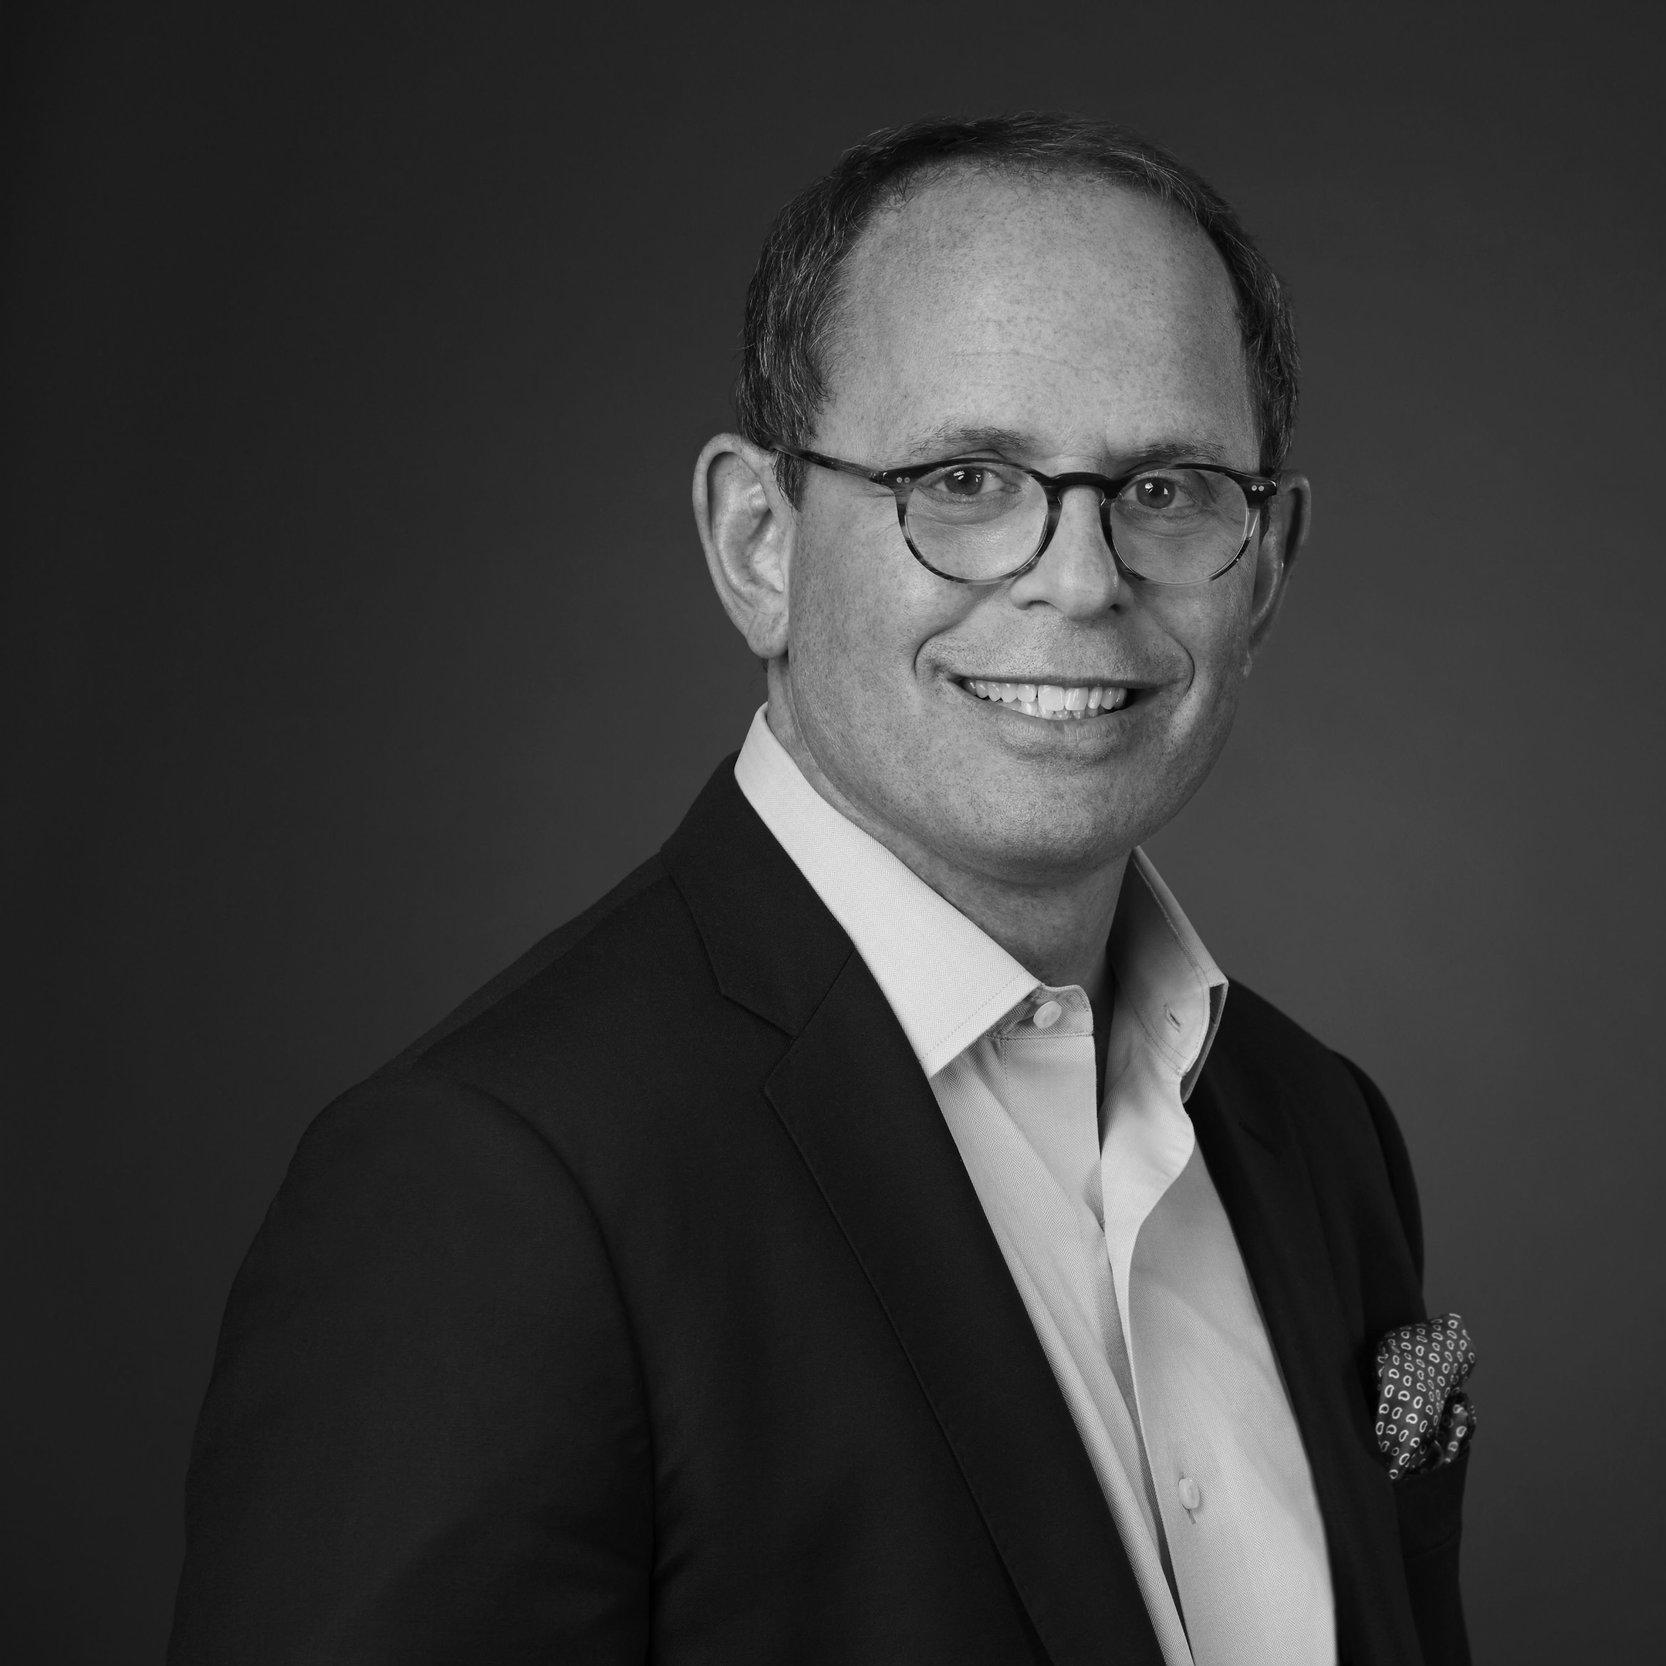 Scott Schiller, NBCUniversal